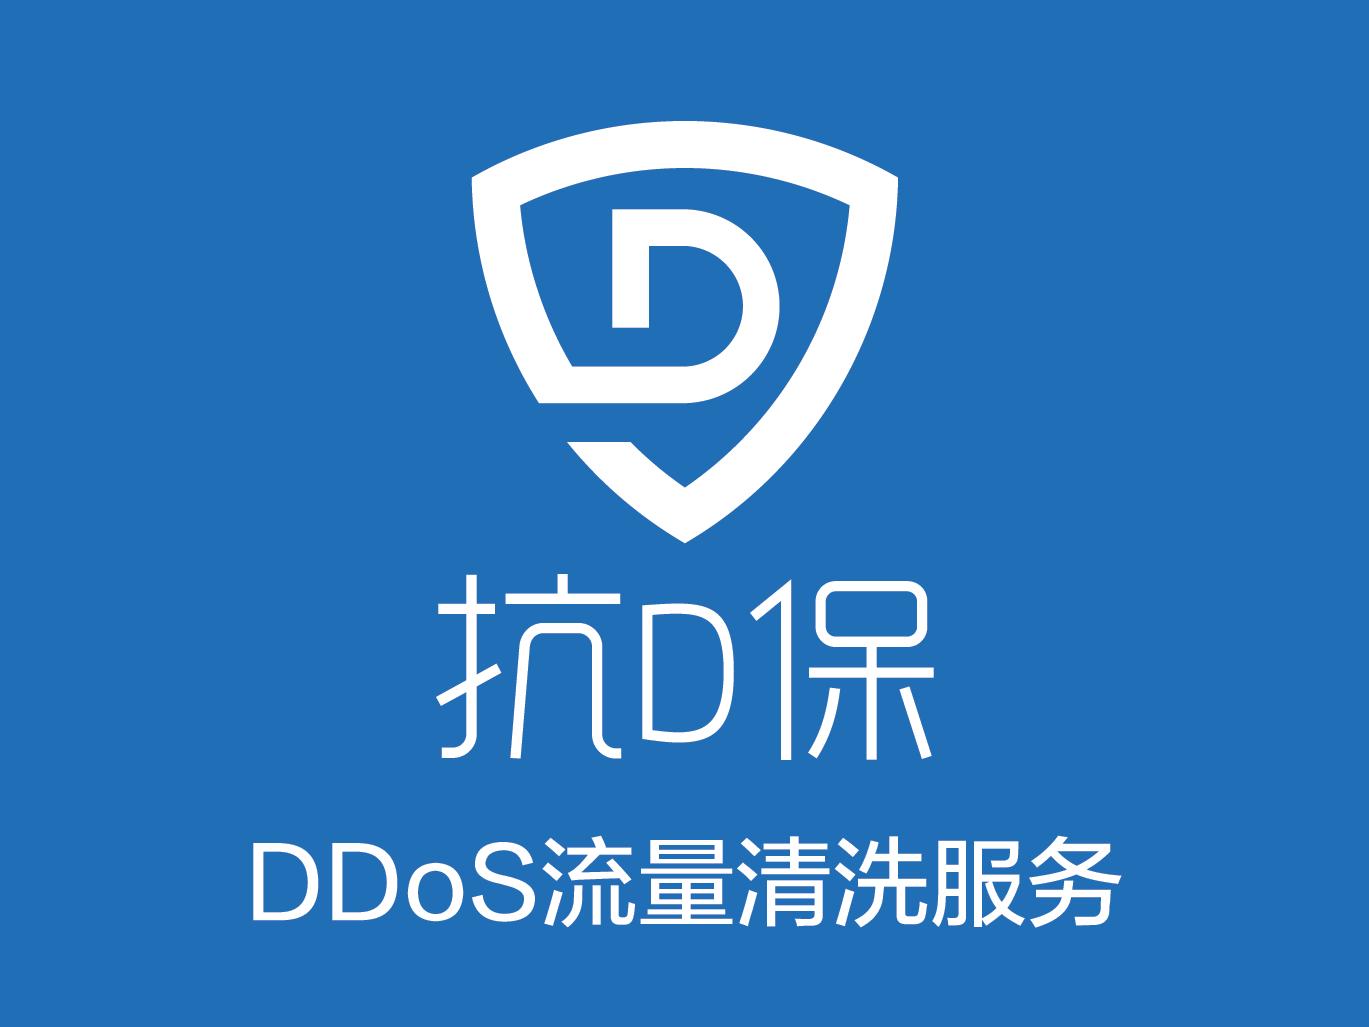 【抗D保-DDoS攻击流量清洗服务】DDoS攻击防御、CC攻击防御 特大流量清洗 (超4T攻击防御宽带)